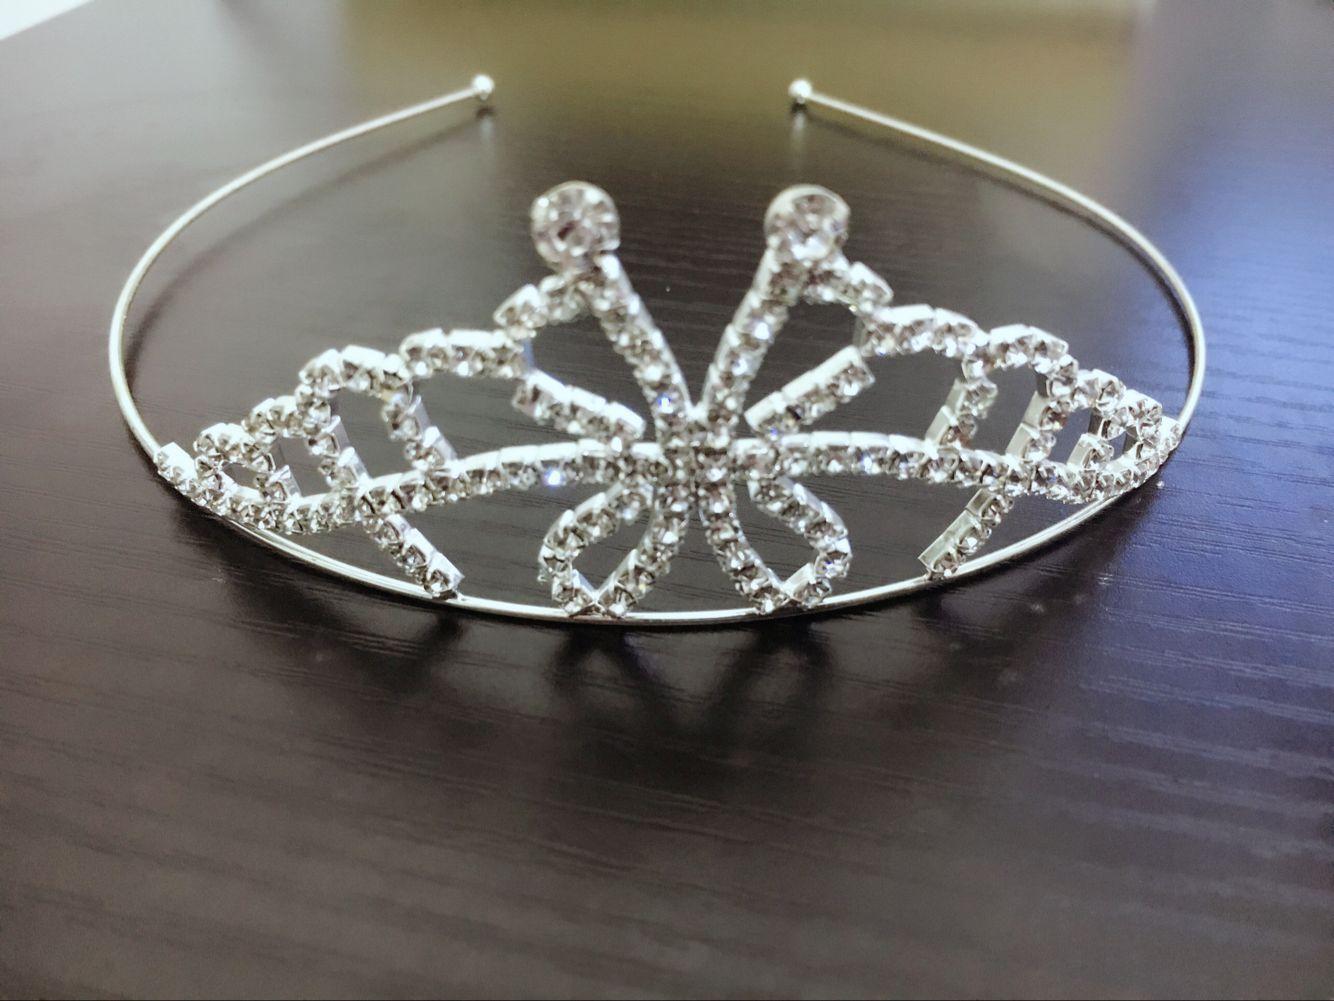 Cristales Coronas de la boda Sparkle Beaded Crystal Veil Tiara Crown Diadema Accesorios para el cabello Fiesta de la boda Tiara Hair